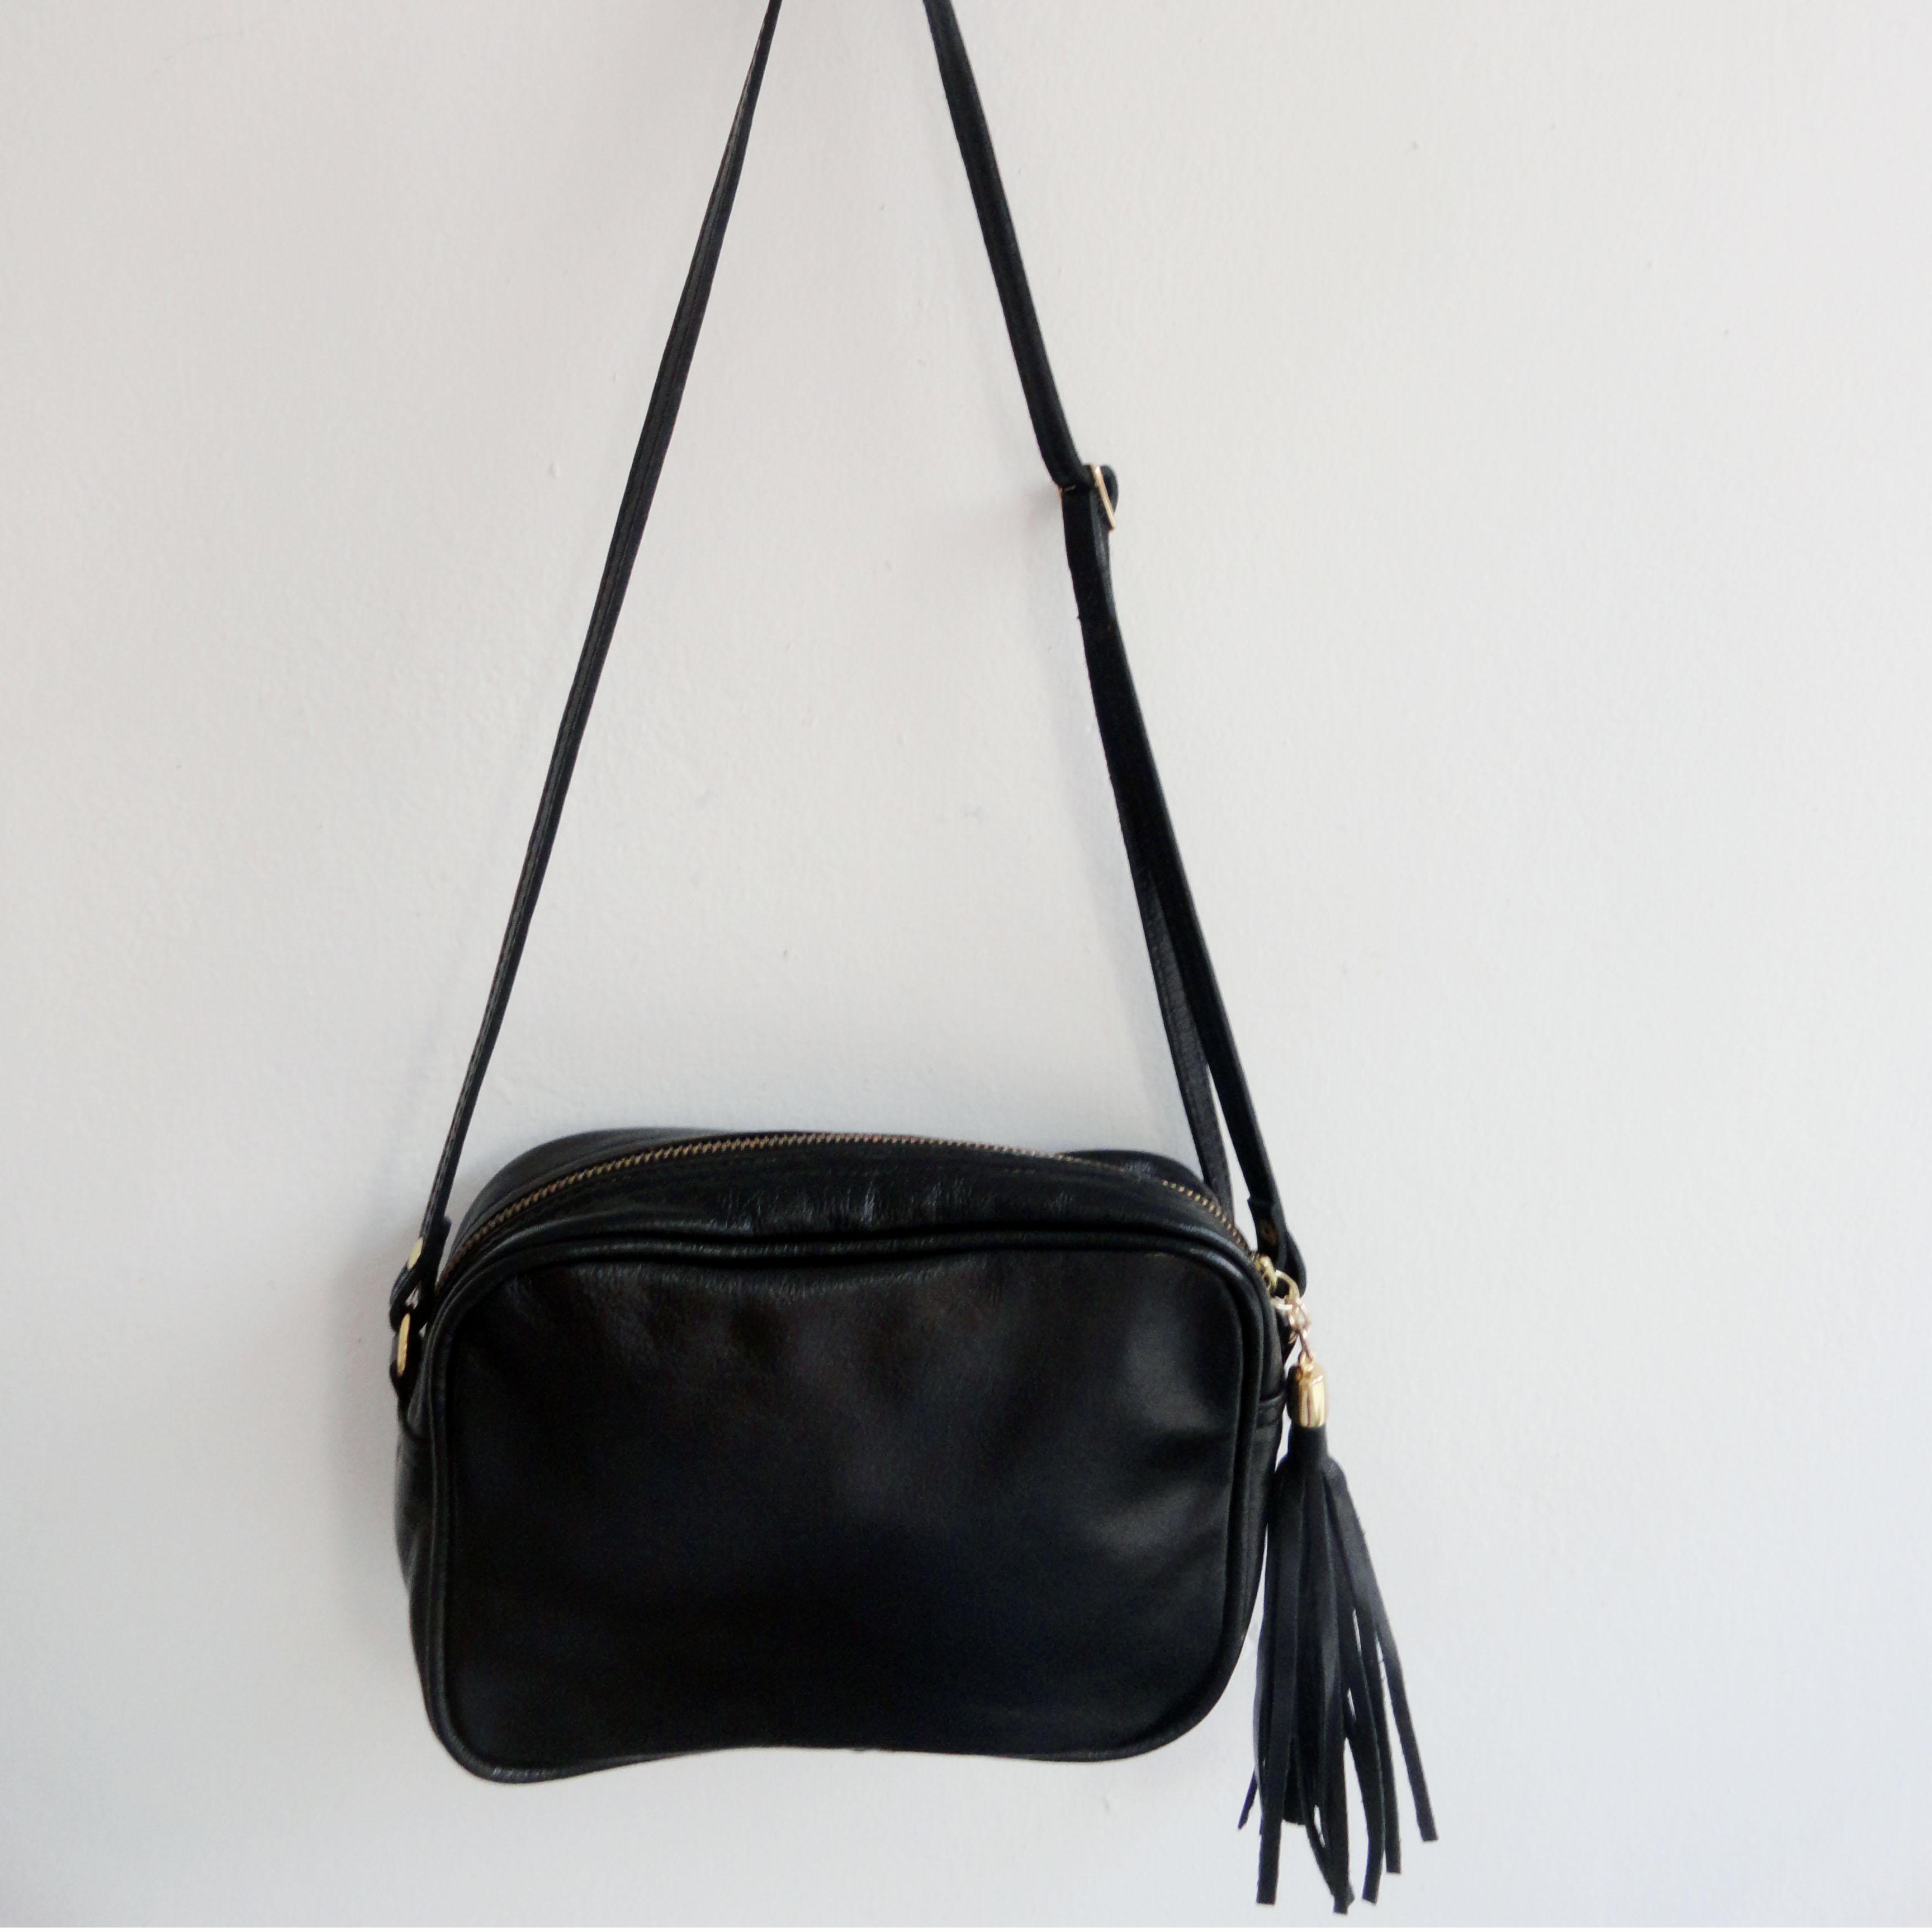 Bolsa De Especias Pequeña : Bolsa pequena tiracolo com tassel gaia atelier elo